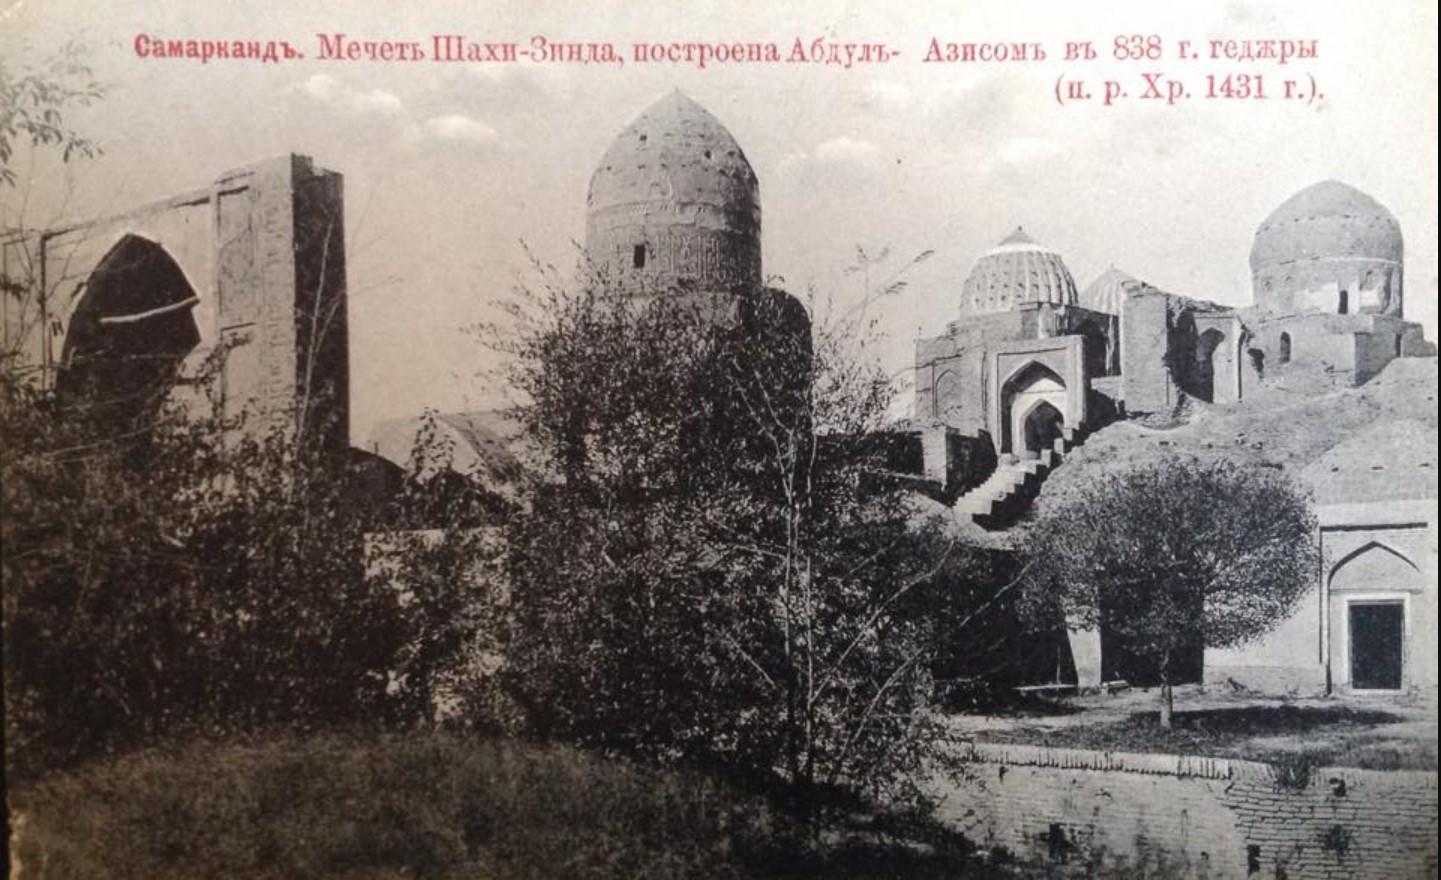 Мечеть Шахи-Зинда